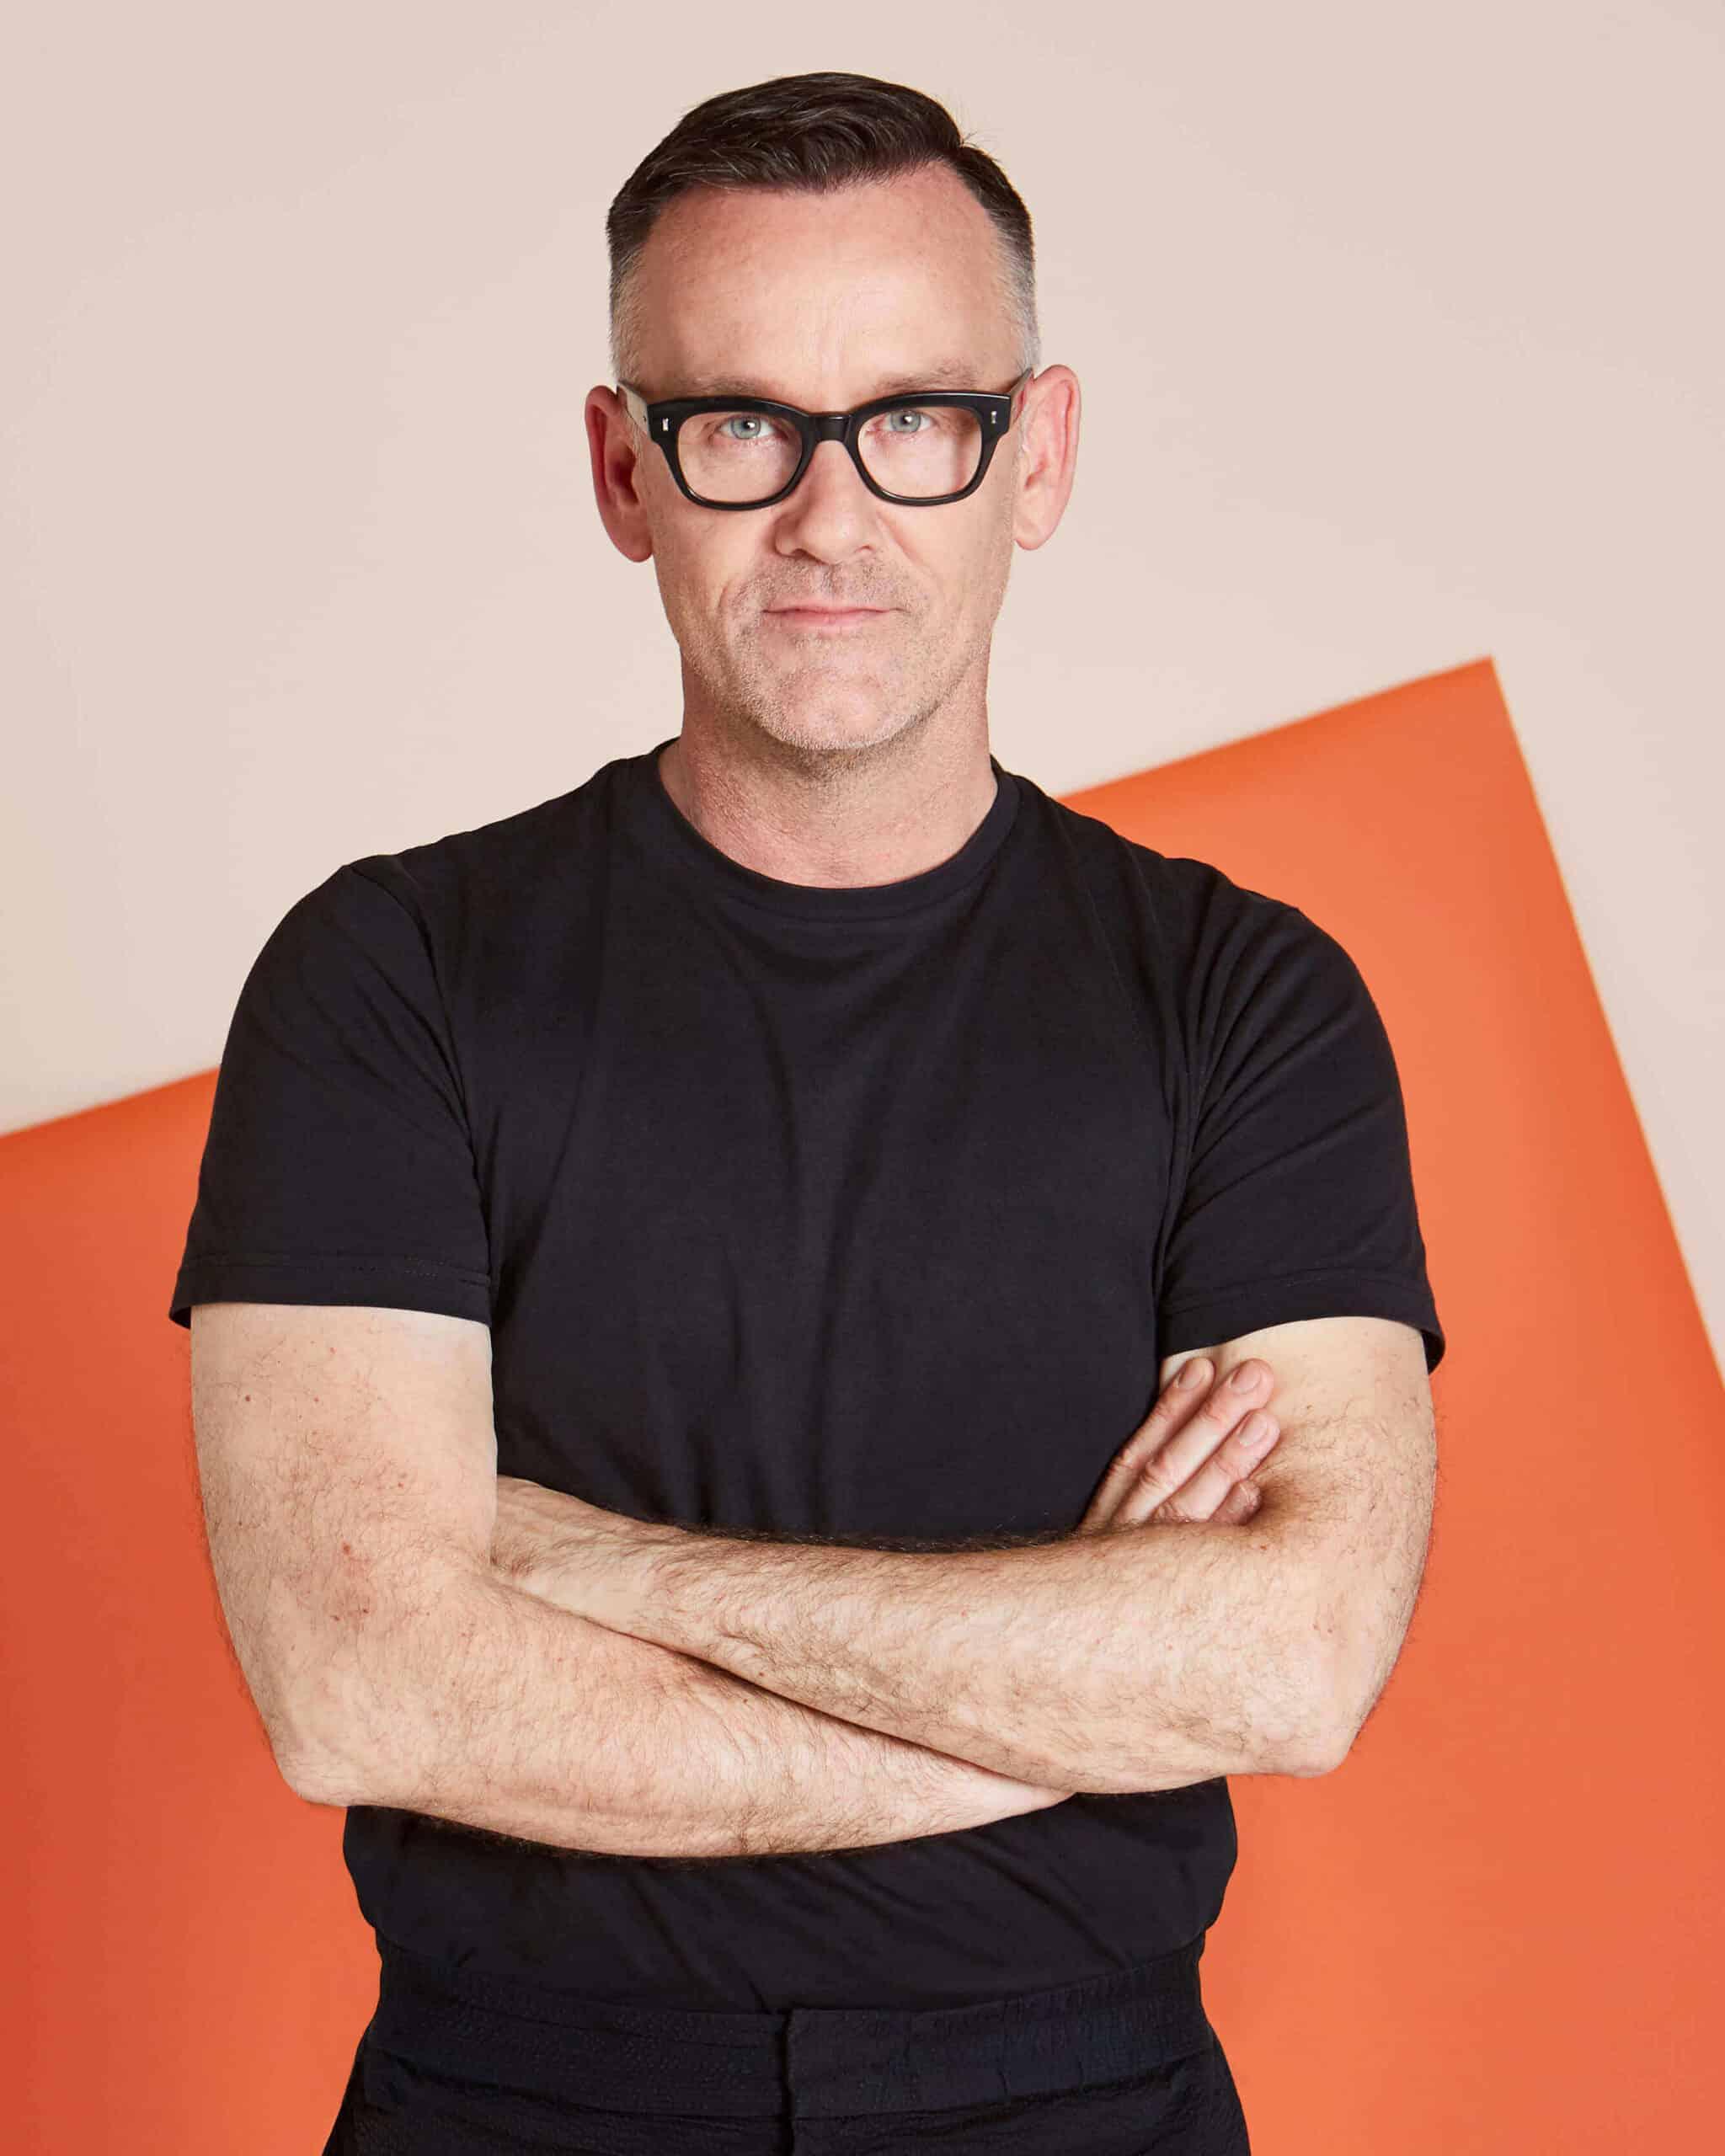 Brendan Courtney